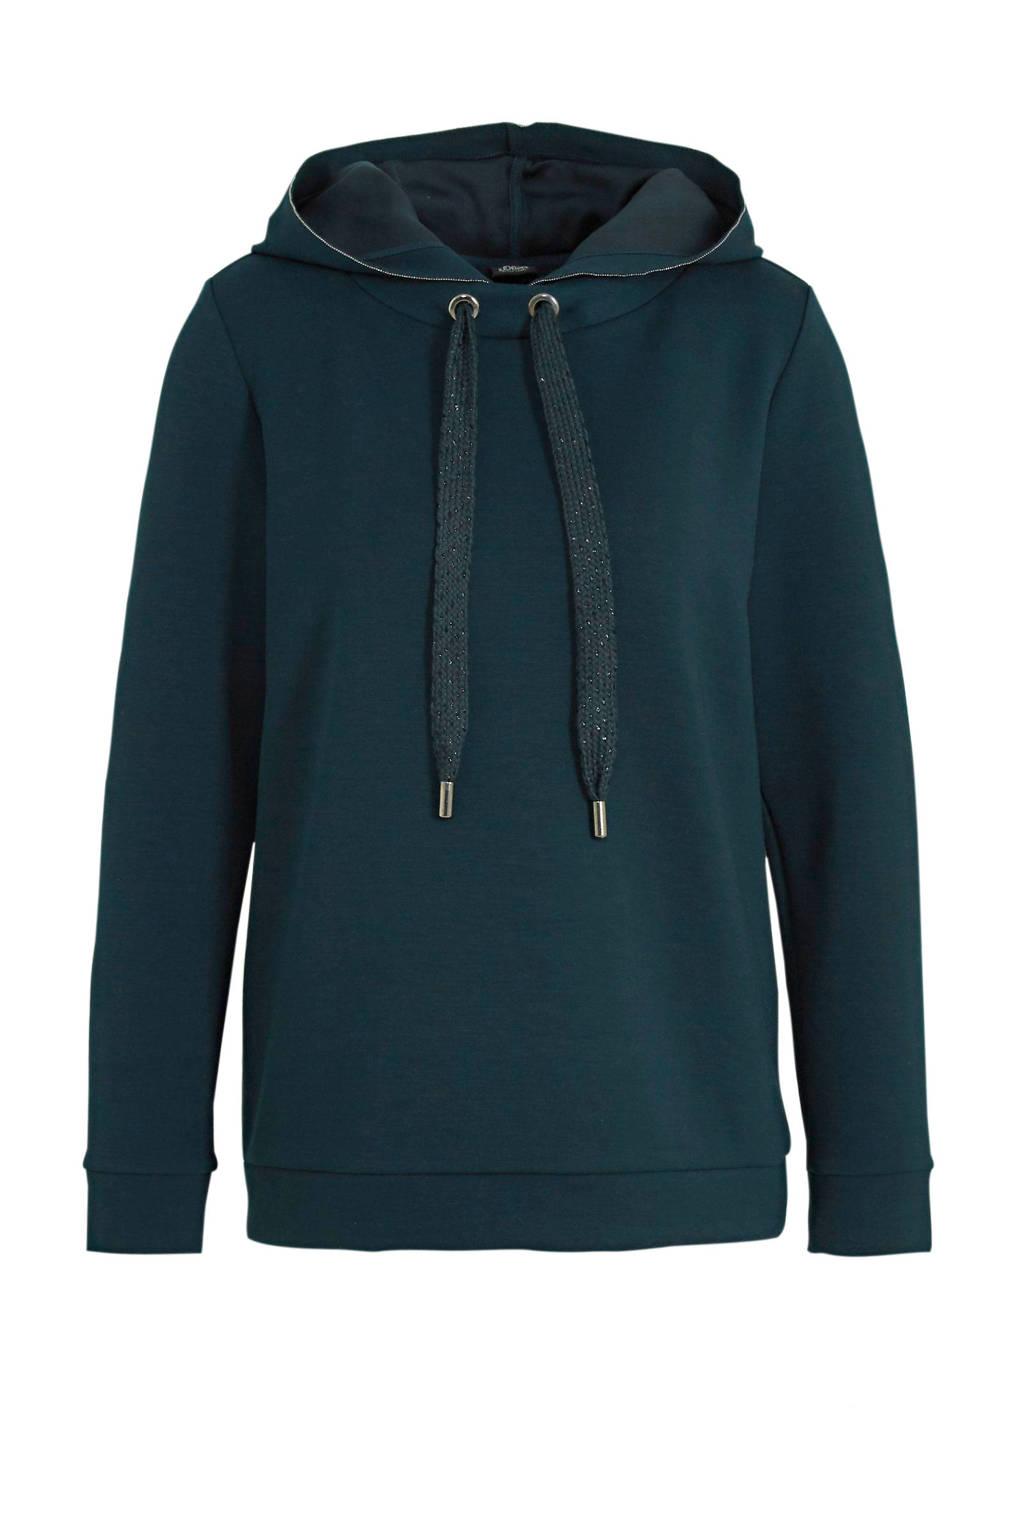 s.Oliver BLACK LABEL hoodie met glitters donkergroen/zilver, Donkergroen/zilver